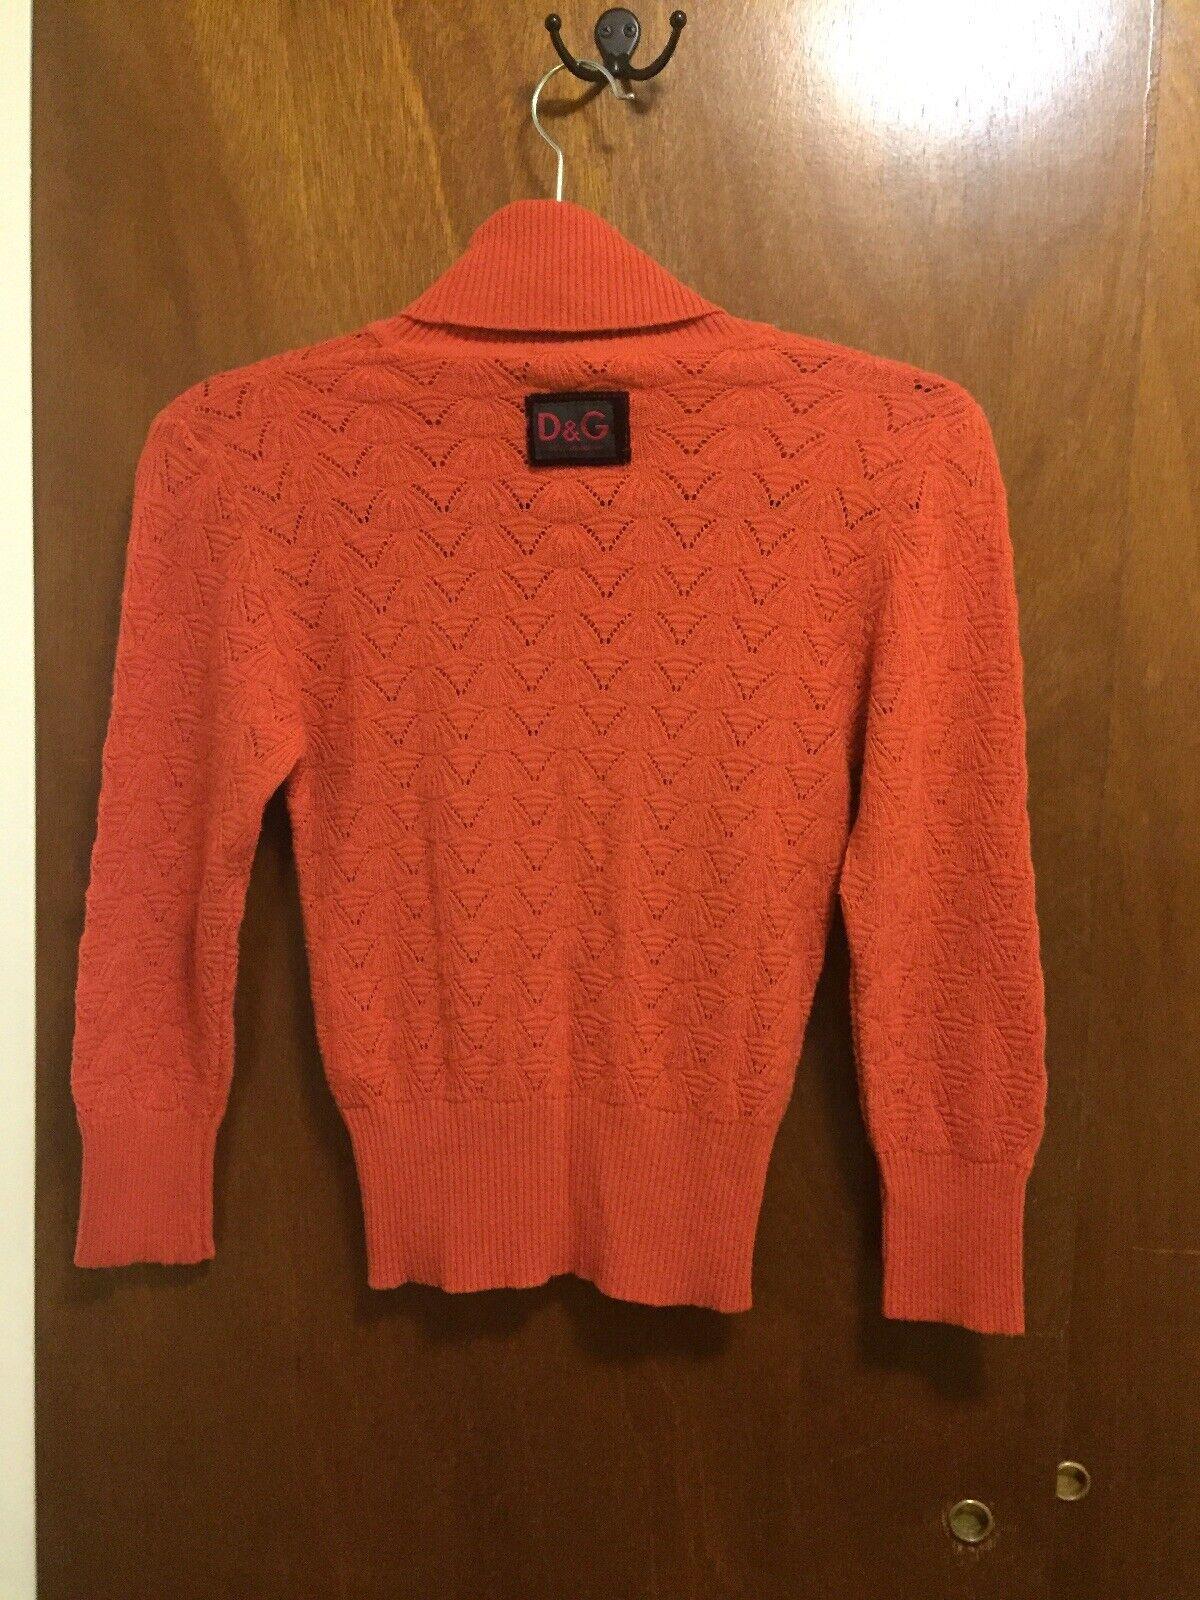 D&G DOLCE & GABBANA Wool Blend Turtleneck Knit Sw… - image 2